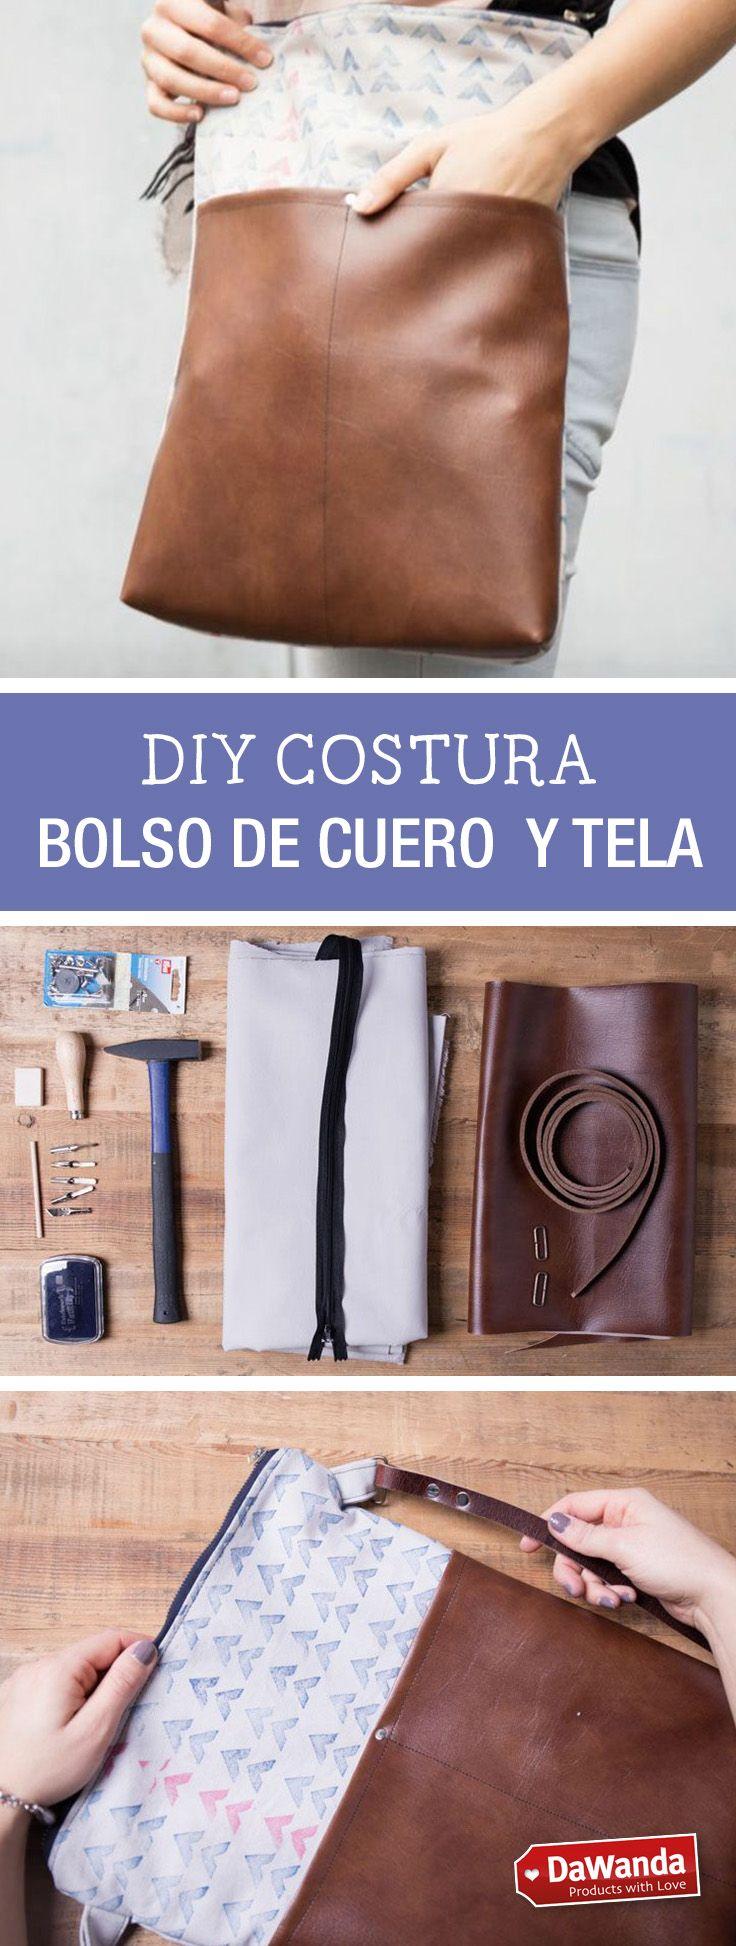 Aprende a confeccionar tu propio bolso de cuero y tela. Tutorial DIY en DaWanda.es